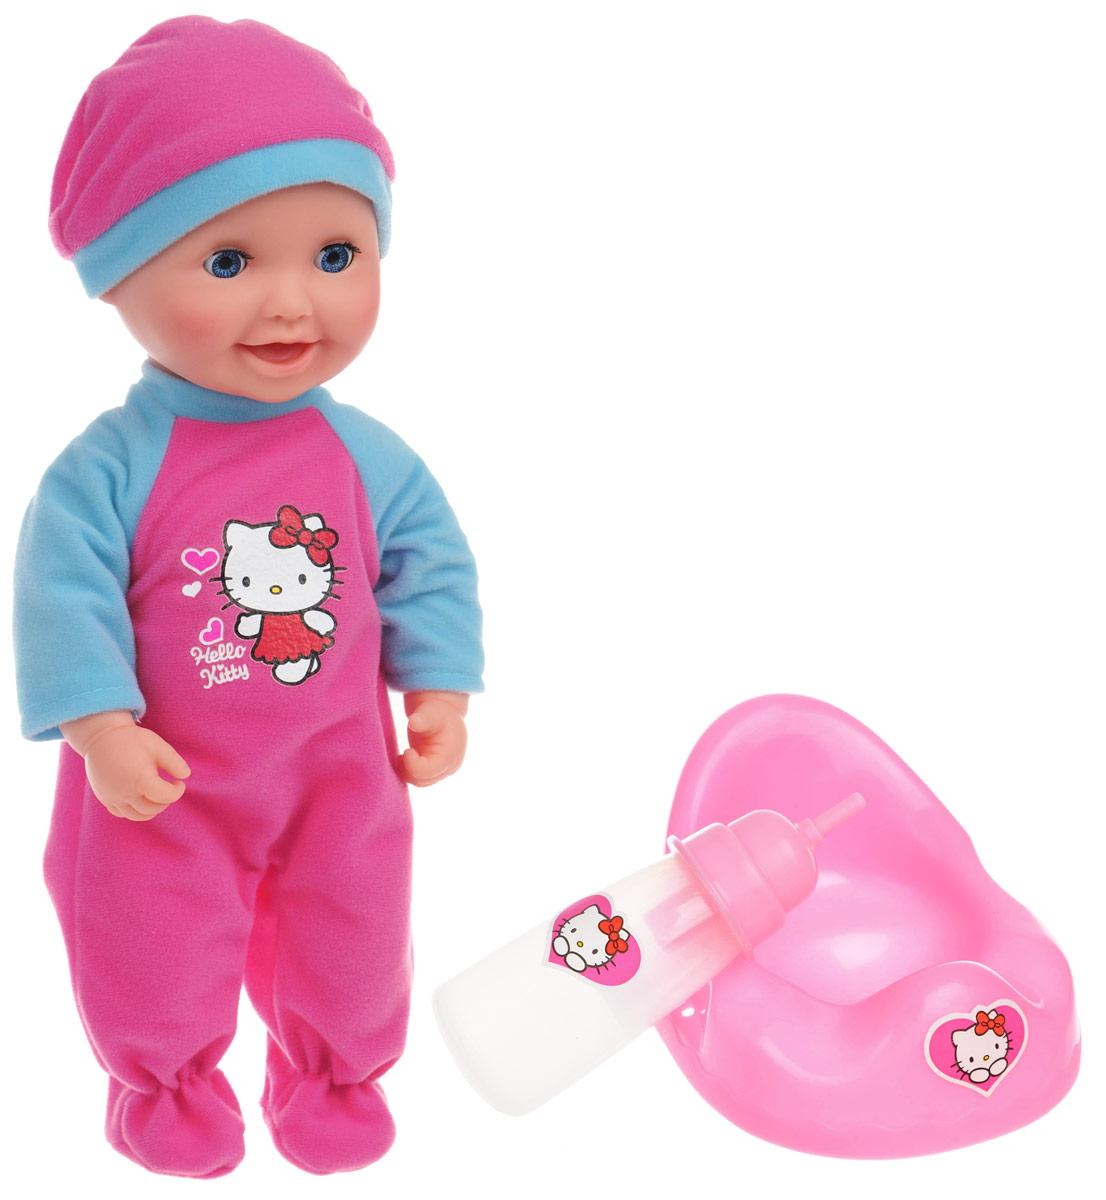 Карапуз Пупс Hello Kitty цвет одежды розовый голубой82907-RU-HELLO KITTYОчаровательный пупс Карапуз Hello Kitty приведет в восторг вашу малышку и доставит ей много удовольствия от часов, посвященных игре с ним. Кукла выглядит как настоящий малыш. Она одета в костюмчик, украшенный изображением Hello Kitty и шапочку. У пупса подвижные голова, ножки и ручки. В комплект входят аксессуары для ухода за малышом: бутылочка для кормления и горшок. Малыш пьет из бутылочки и писает в горшочек. Если пупса положить - он закроет глазки. Куклу можно купать. Игра с куклой разовьет в вашей малышке чувство ответственности и заботы. Порадуйте свою принцессу таким великолепным подарком!